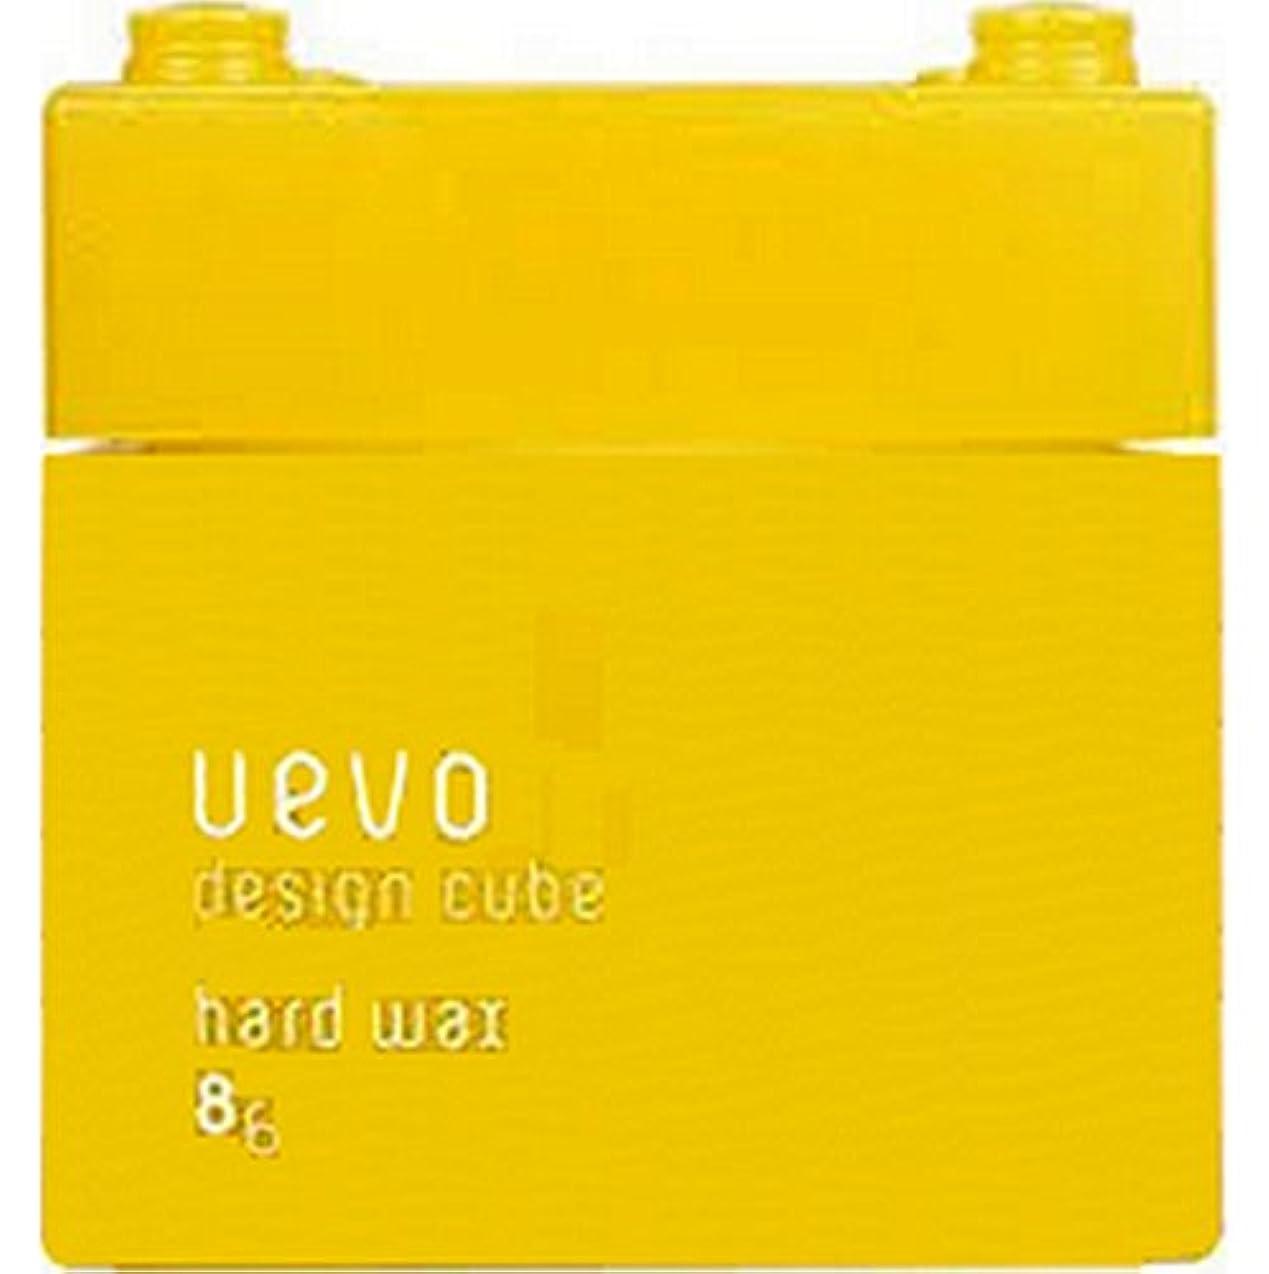 ブラウザプラスチックインシュレータデミ?ウェーボ デザインキューブ エアルーズワックス 80g(並行輸入品)